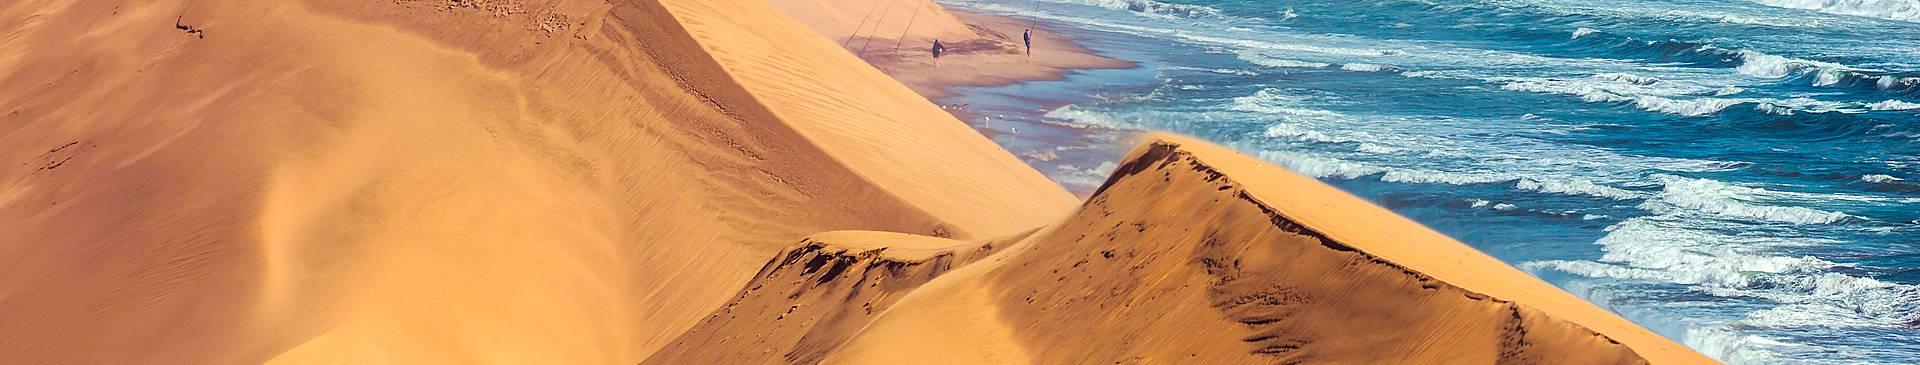 Strand und Meer Namibia Reisen